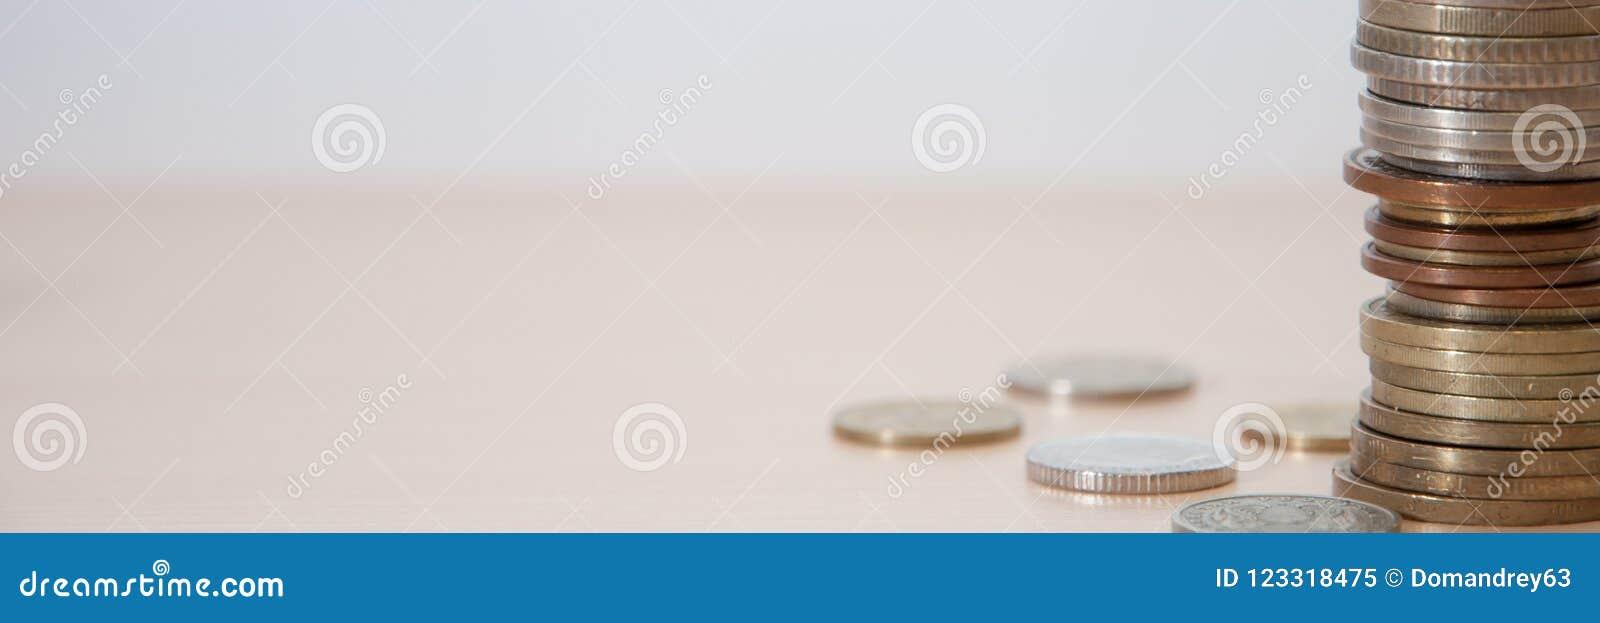 Monety różni kraje, różne przewagi i kolory na stole